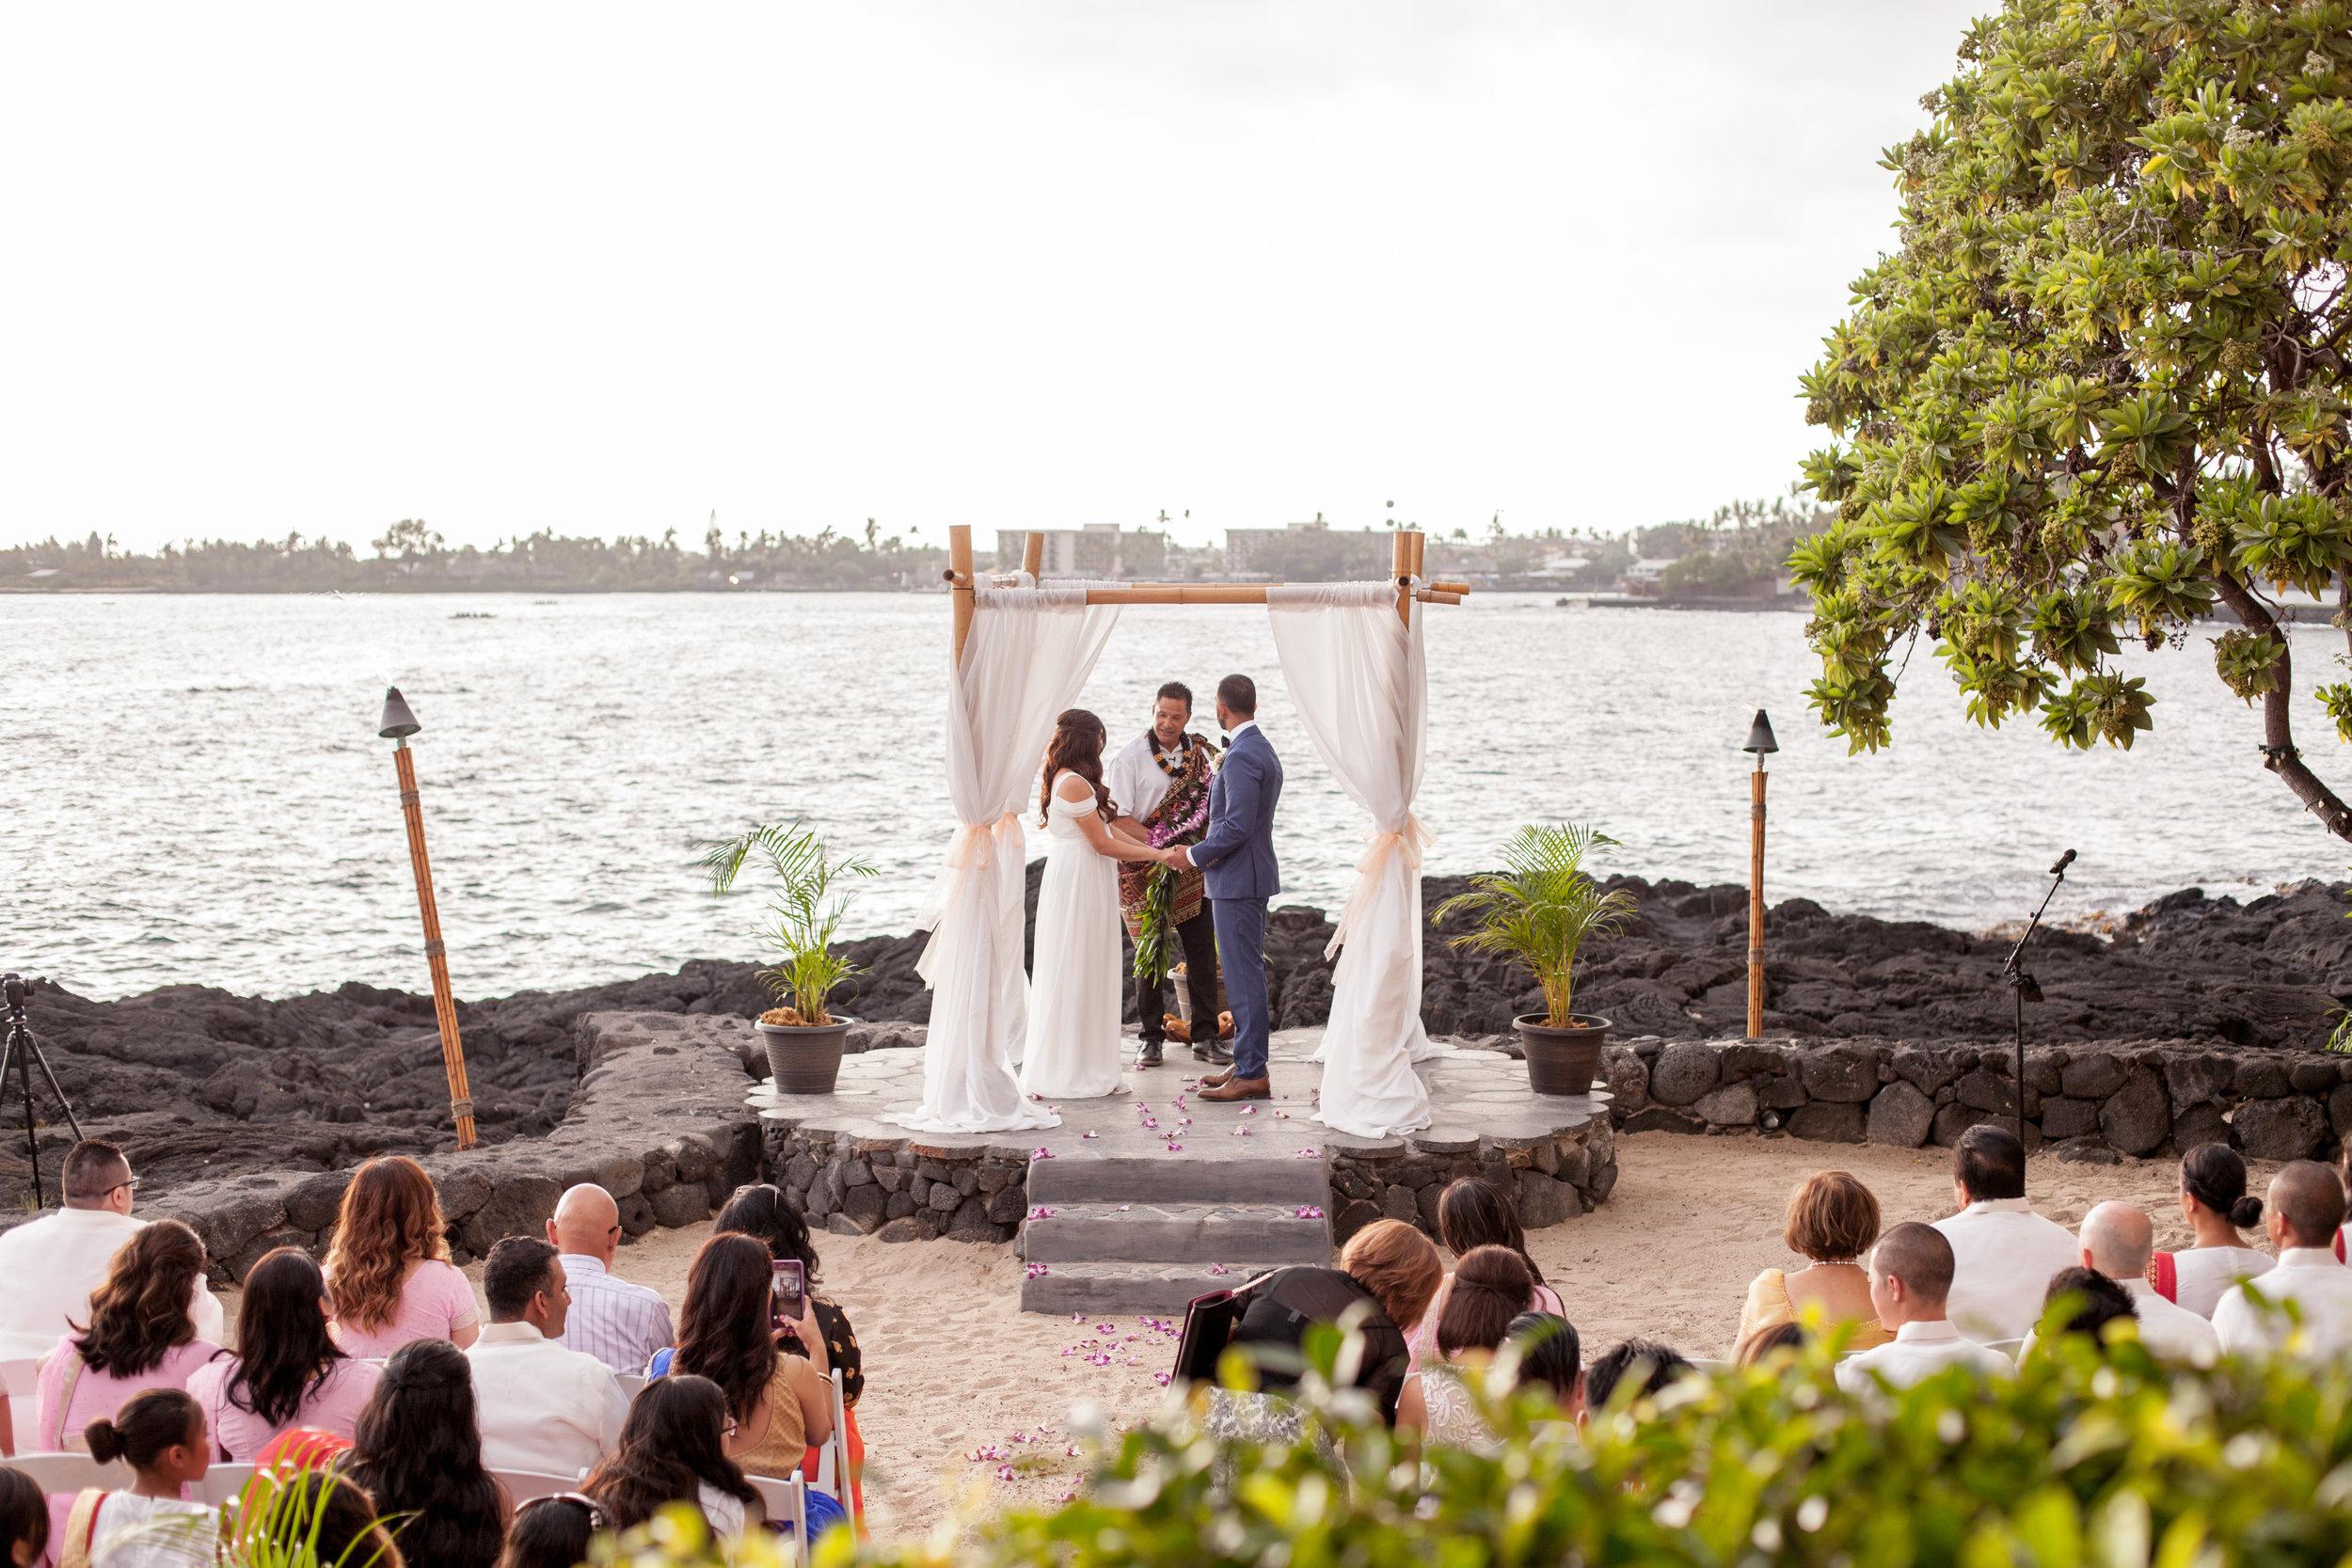 big island hawaii royal kona resort beach wedding © kelilina photography 20170615175429.jpg